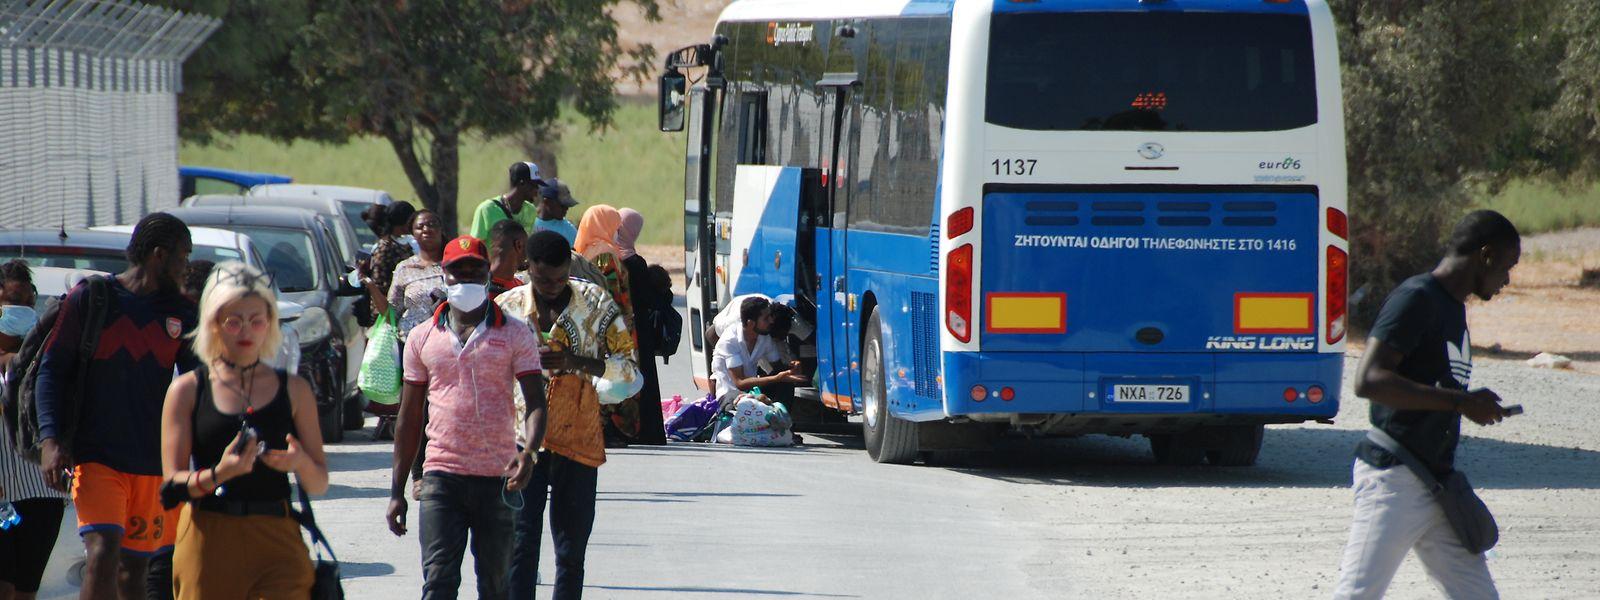 Der aus Larnaca kommende Shuttlebus bringt Flüchtlinge zurück in das Übergangslager in Kofinou.